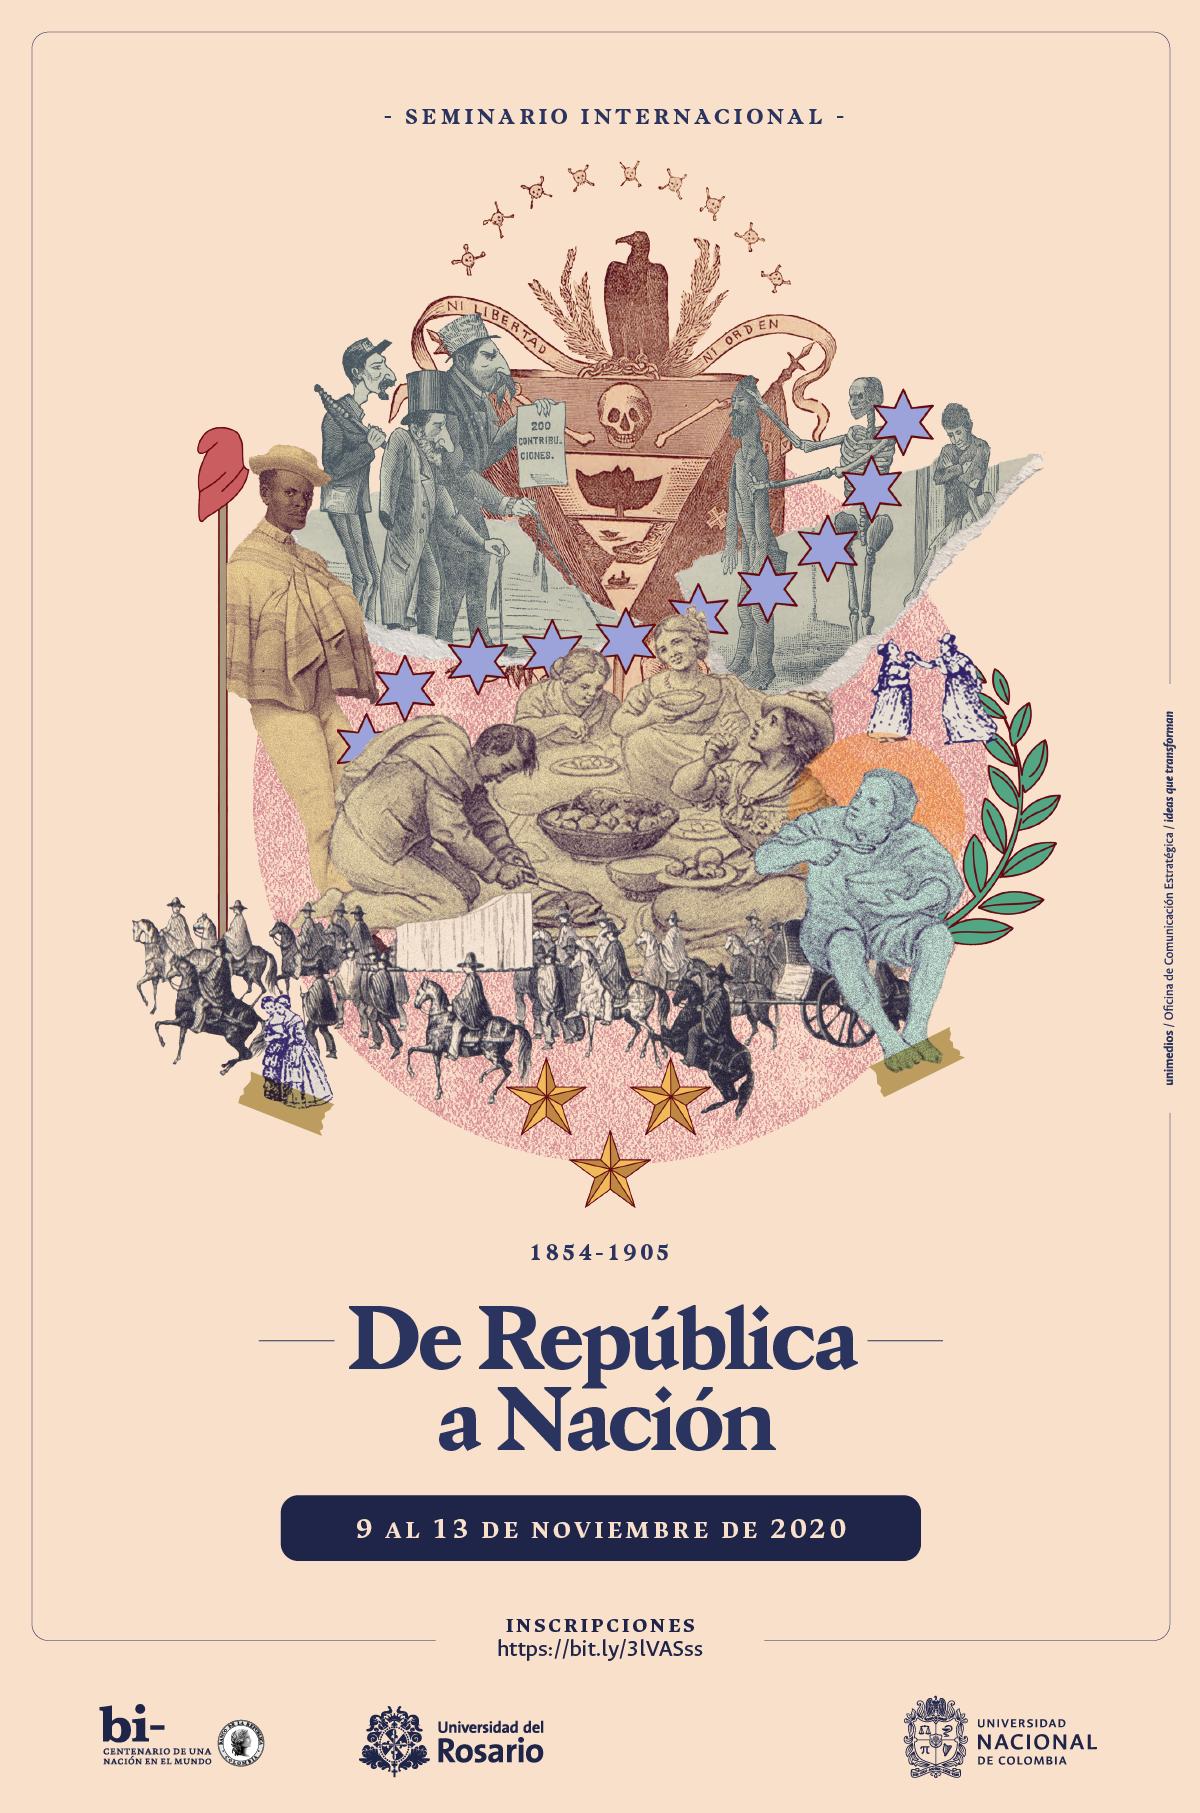 #BicentenarioUNAL